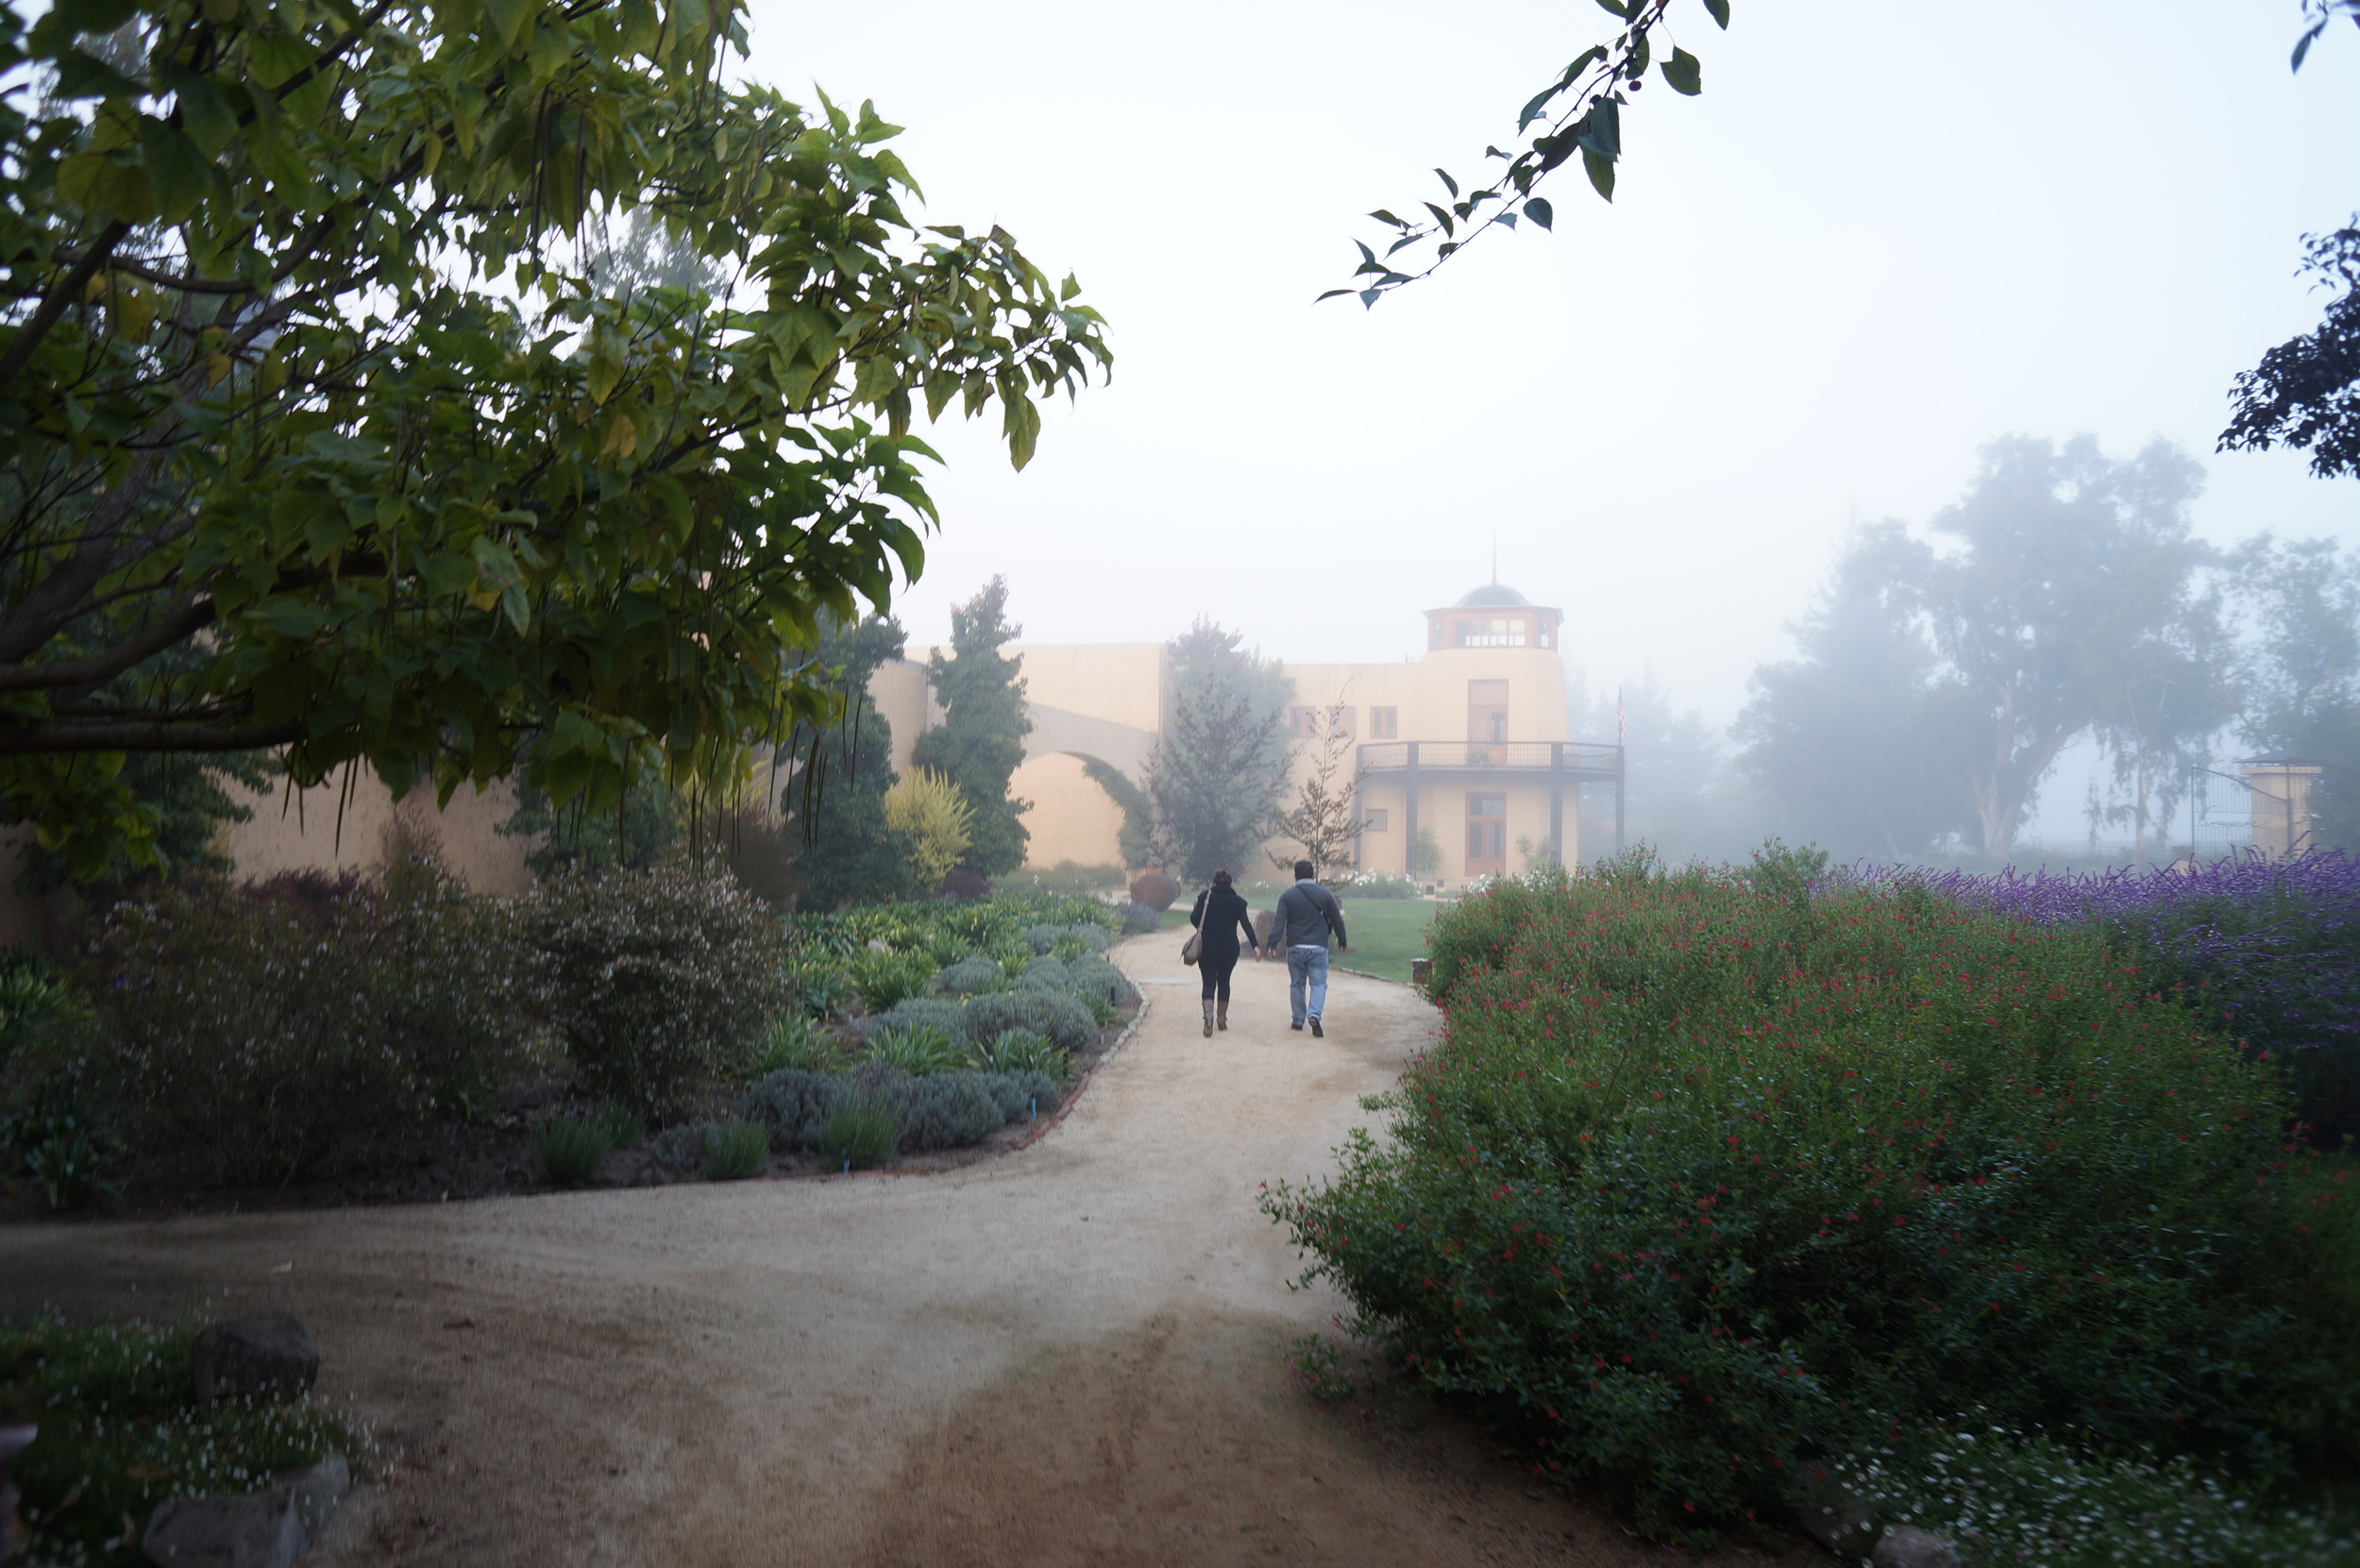 Poco a poco la neblina empieza a desaparecer para dar paso a una bella mañana.